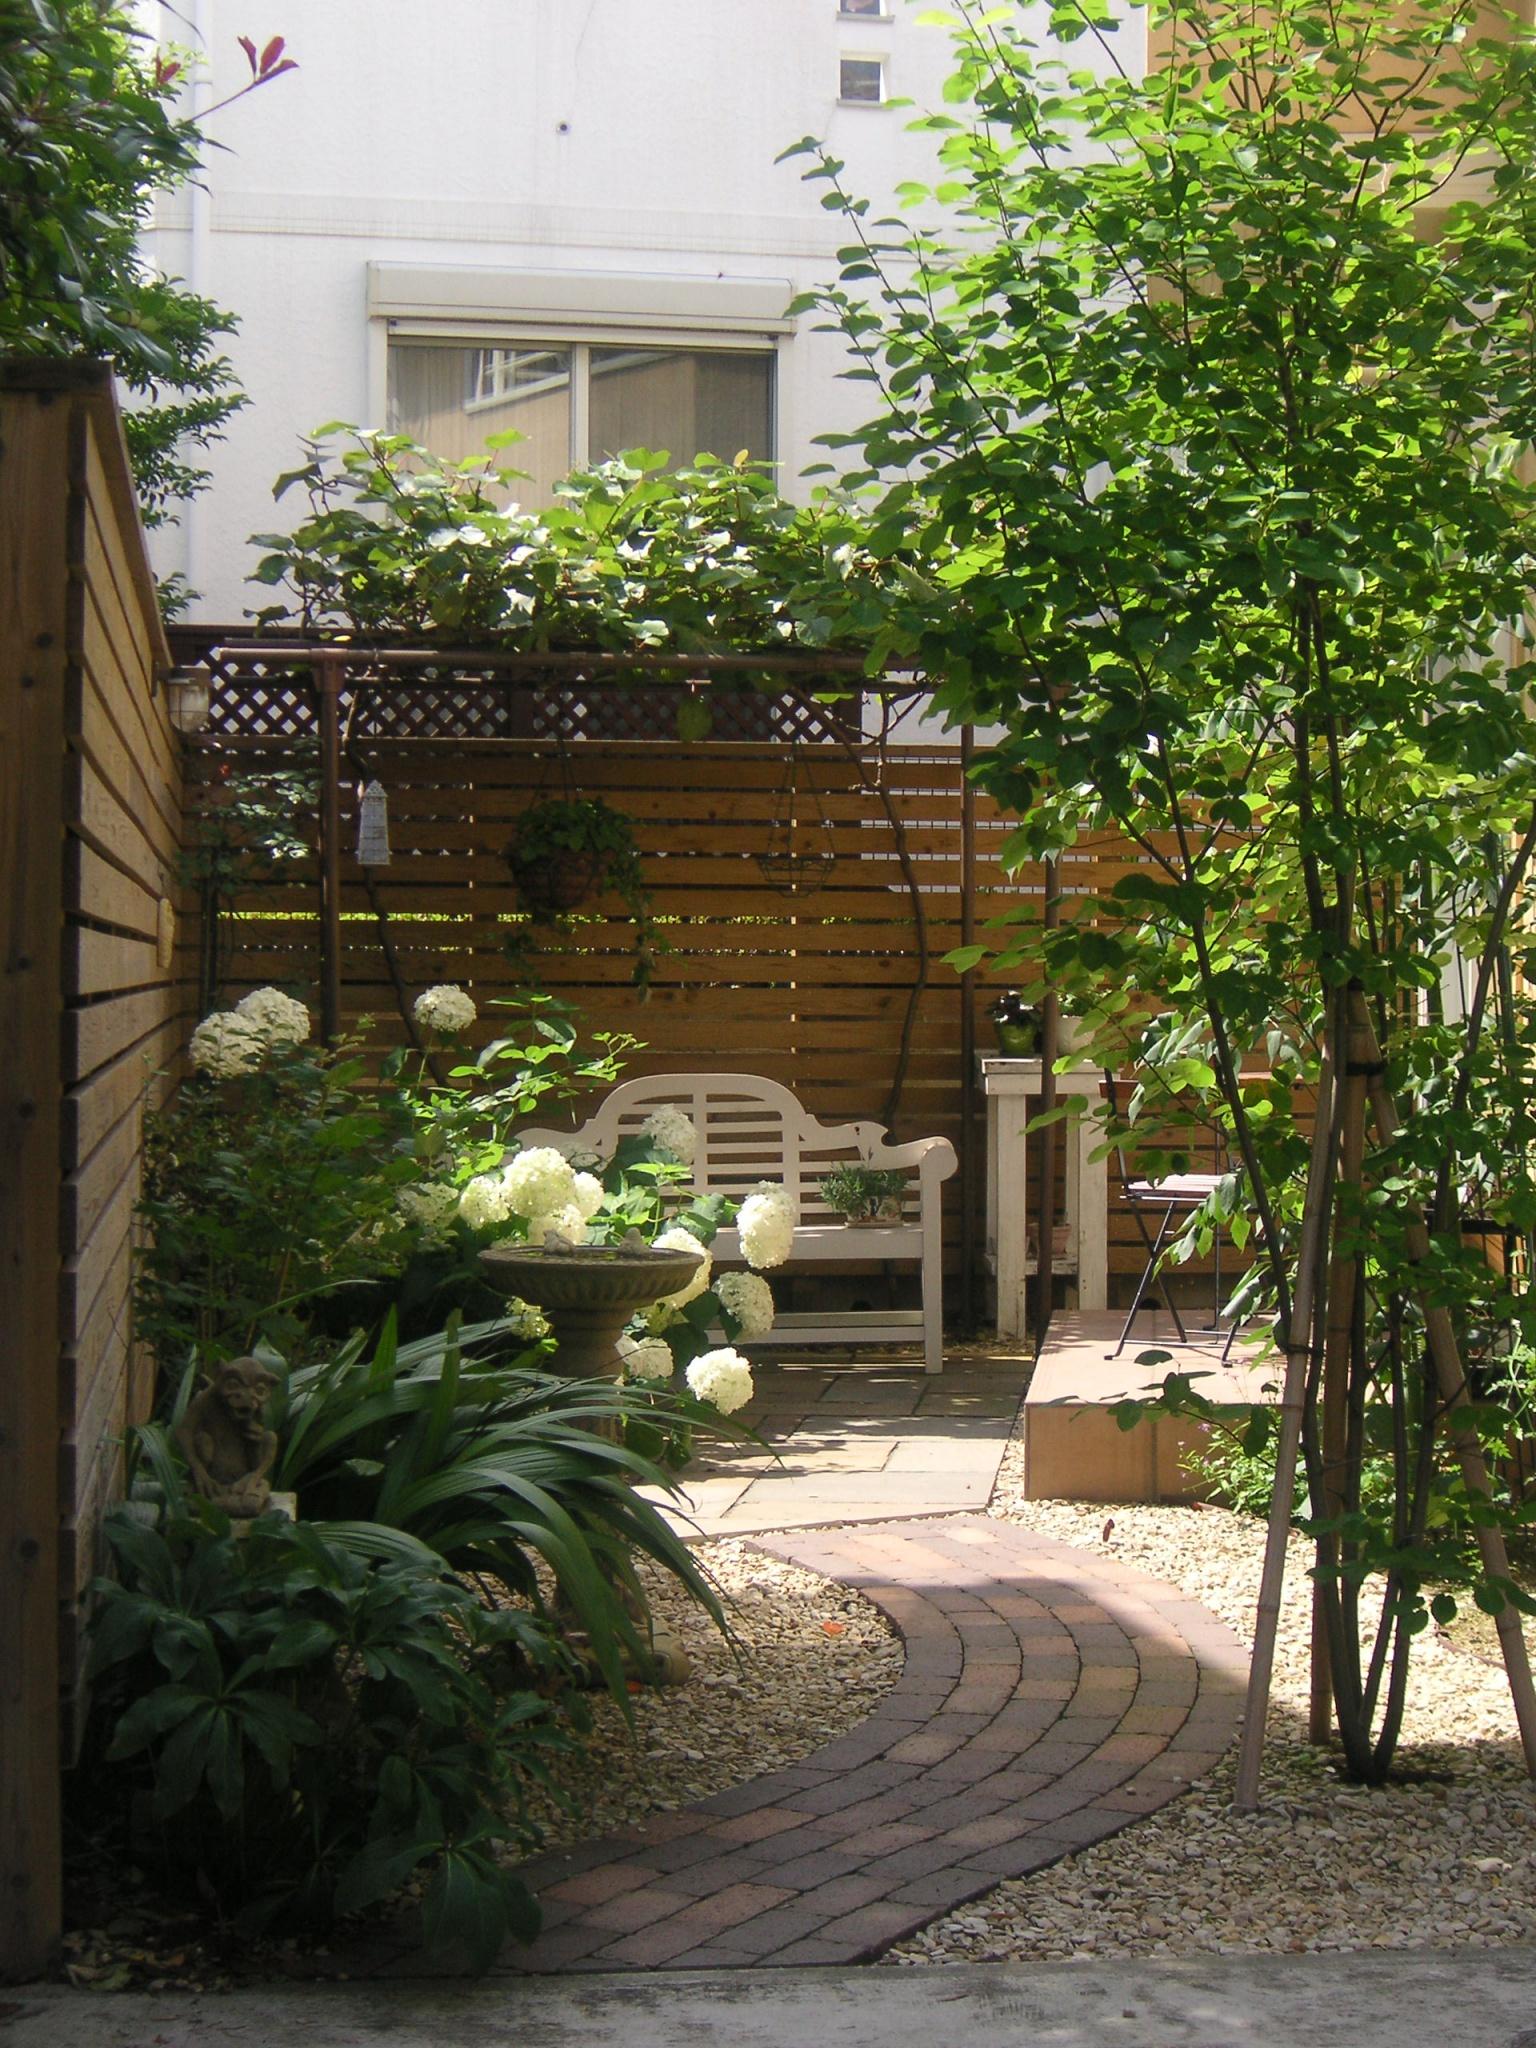 シンボルツリーがエゴノキのお庭(ガーデン)